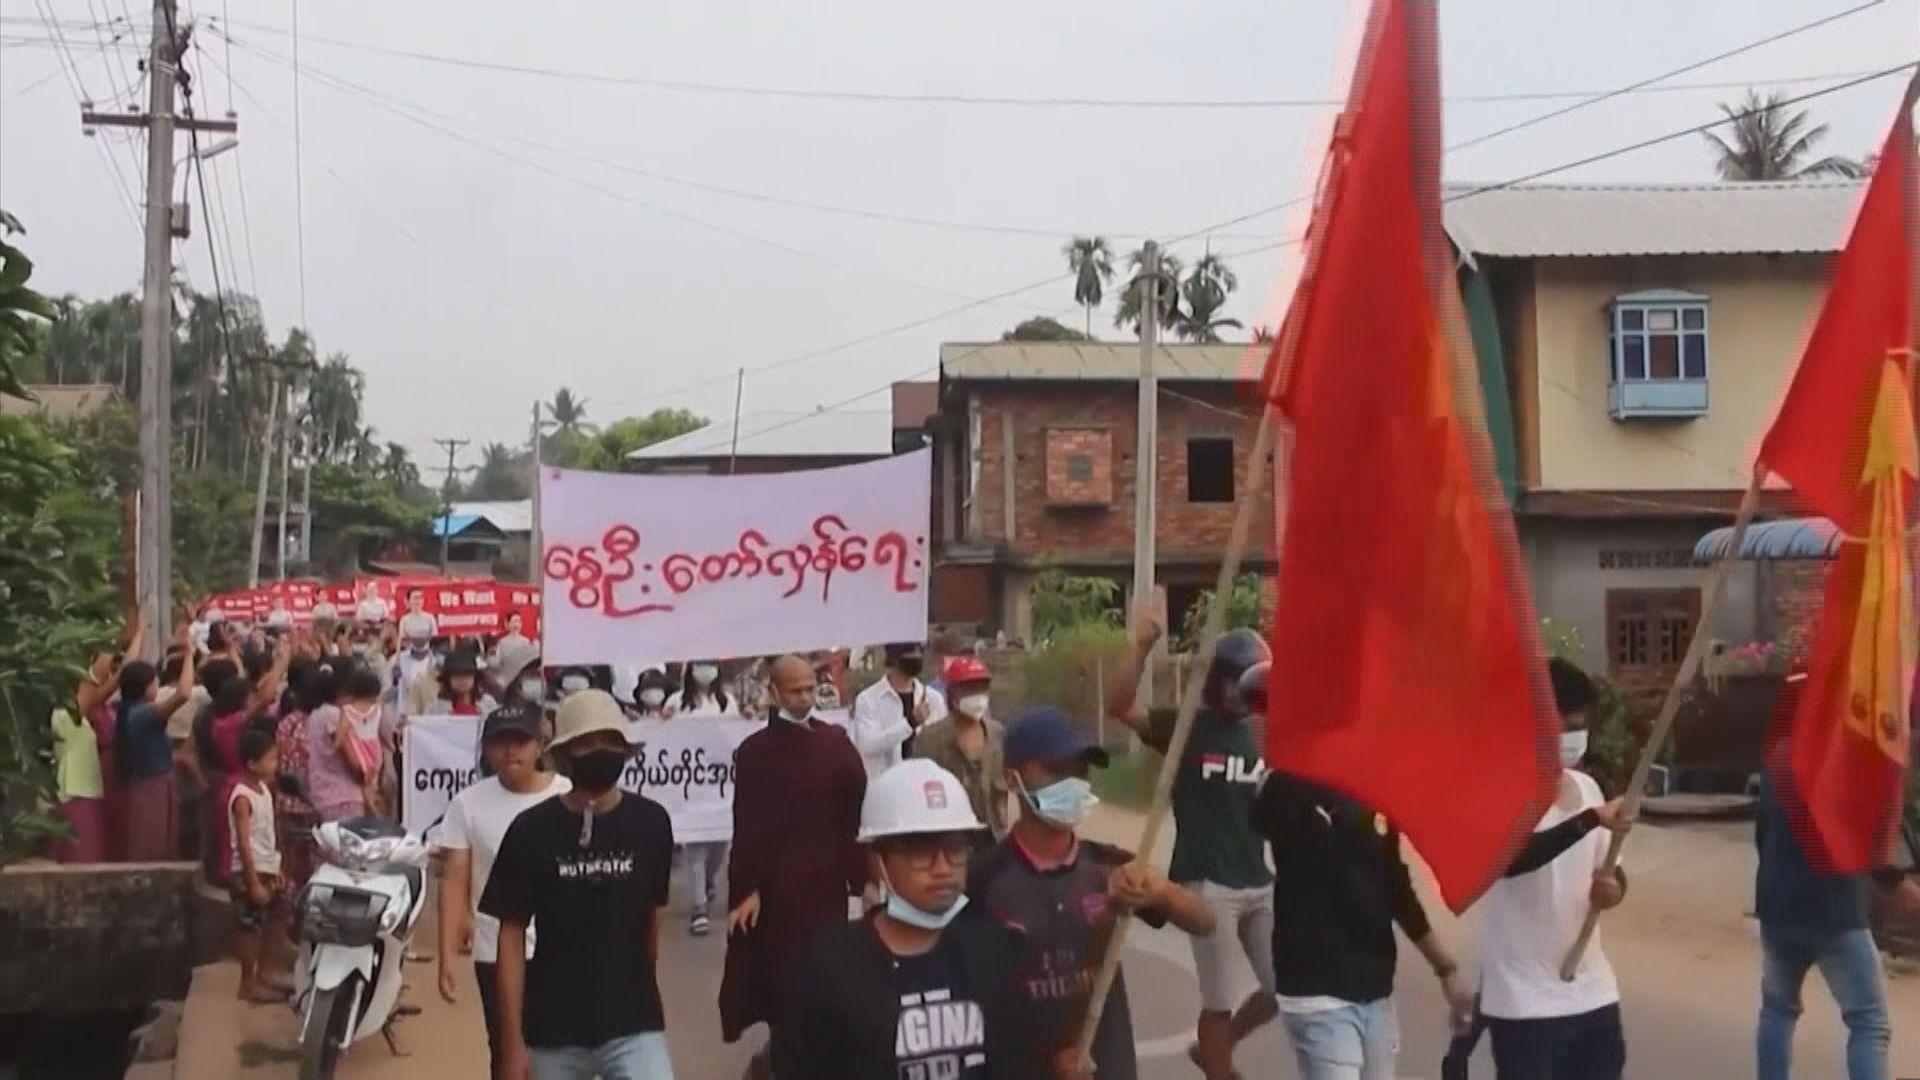 美國下令駐緬甸非緊急政府僱員離開當地